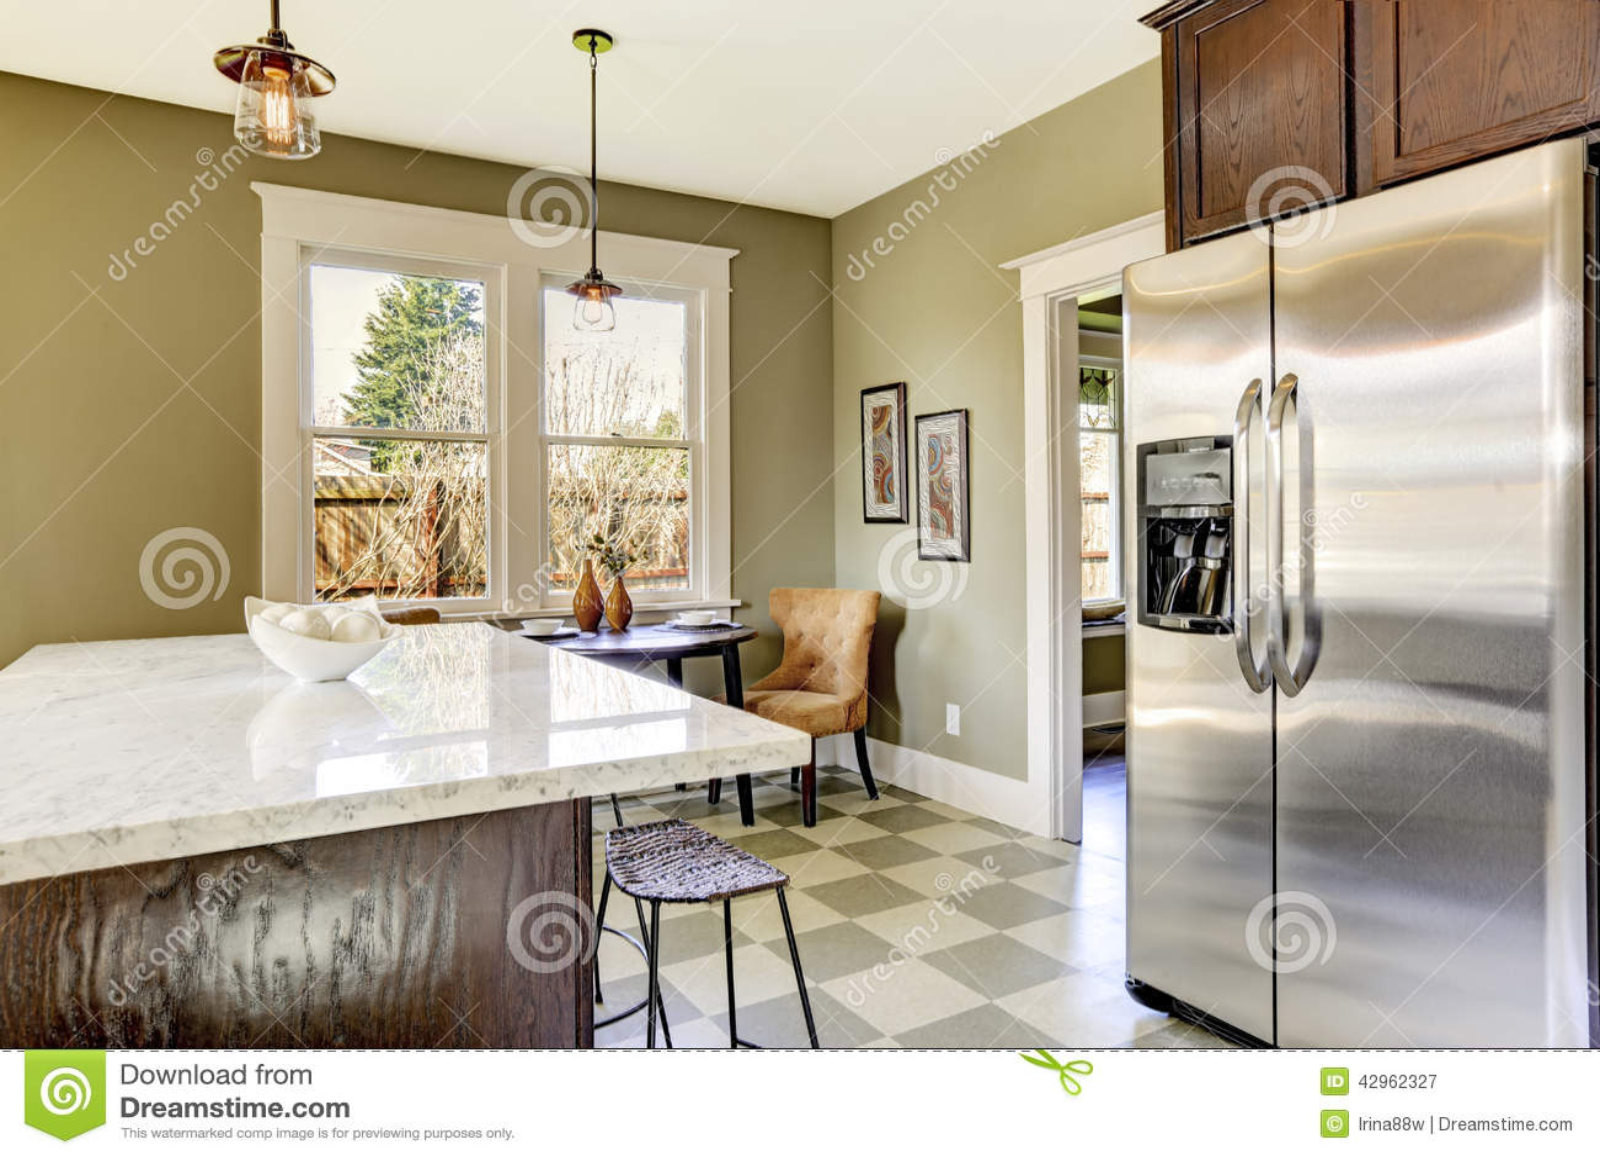 Keuken Met Marmeren Hoogste Eiland Stock Foto - Afbeelding: 42962327